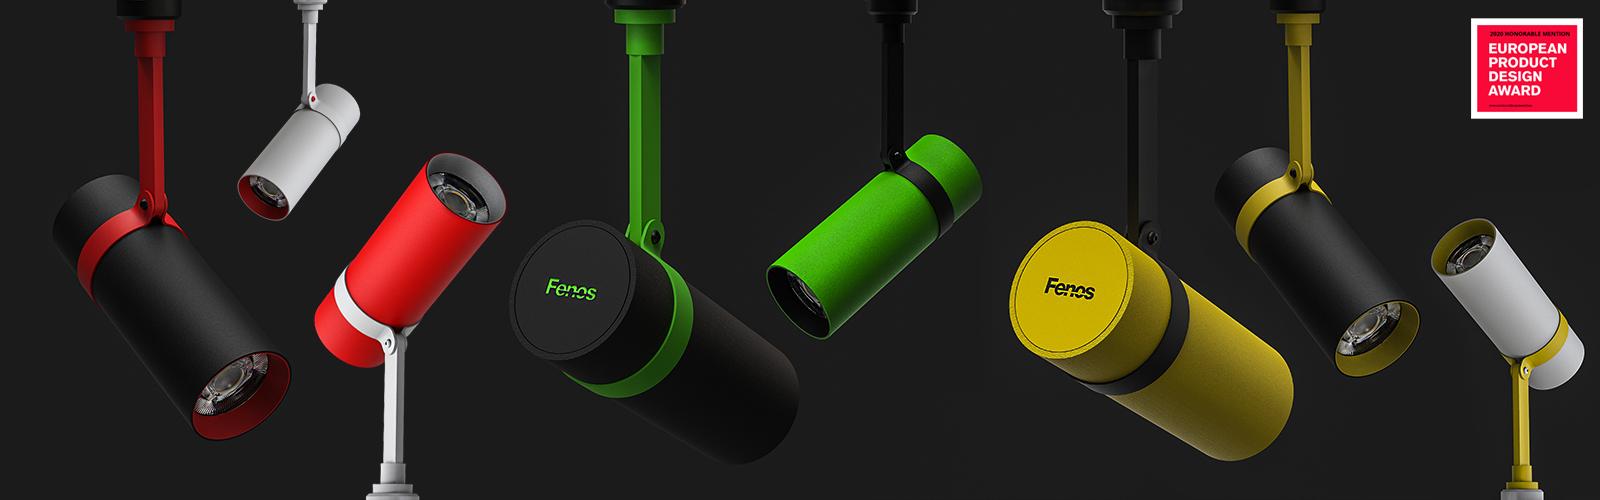 Fenos LED Lighting Track light Belta Mini Color Banner